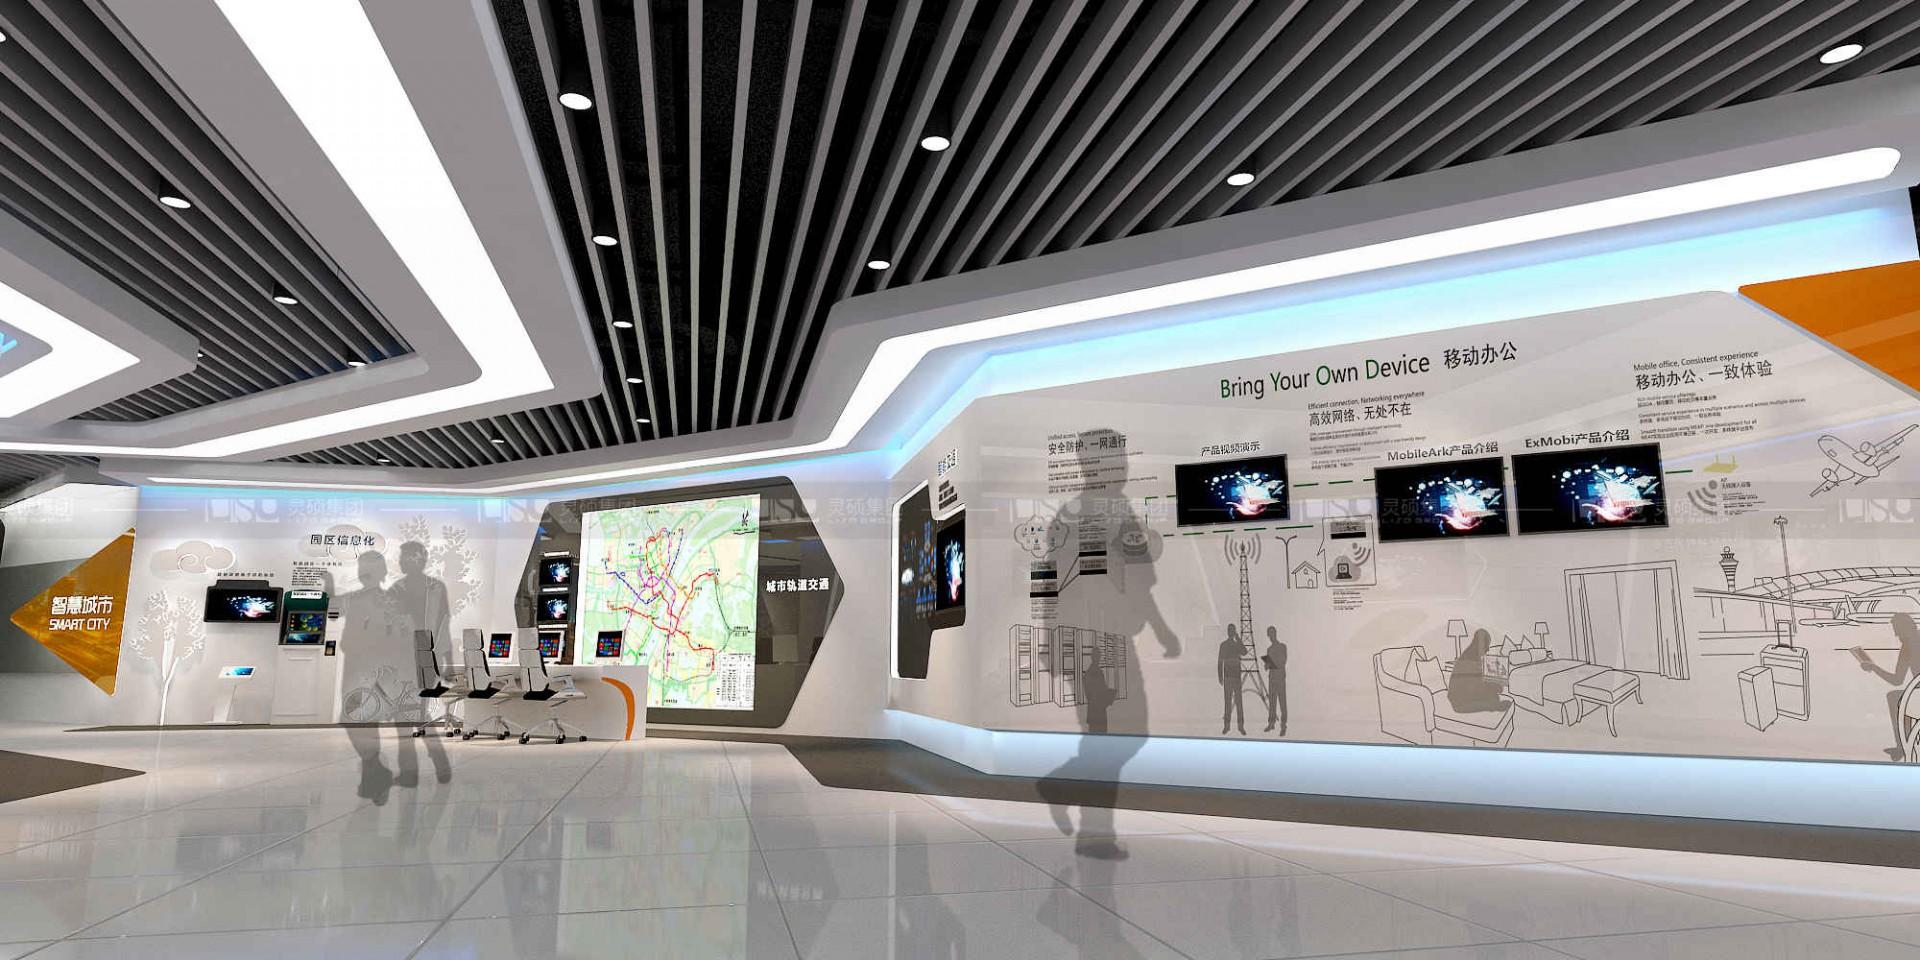 烽火ICT企业展厅设计案例